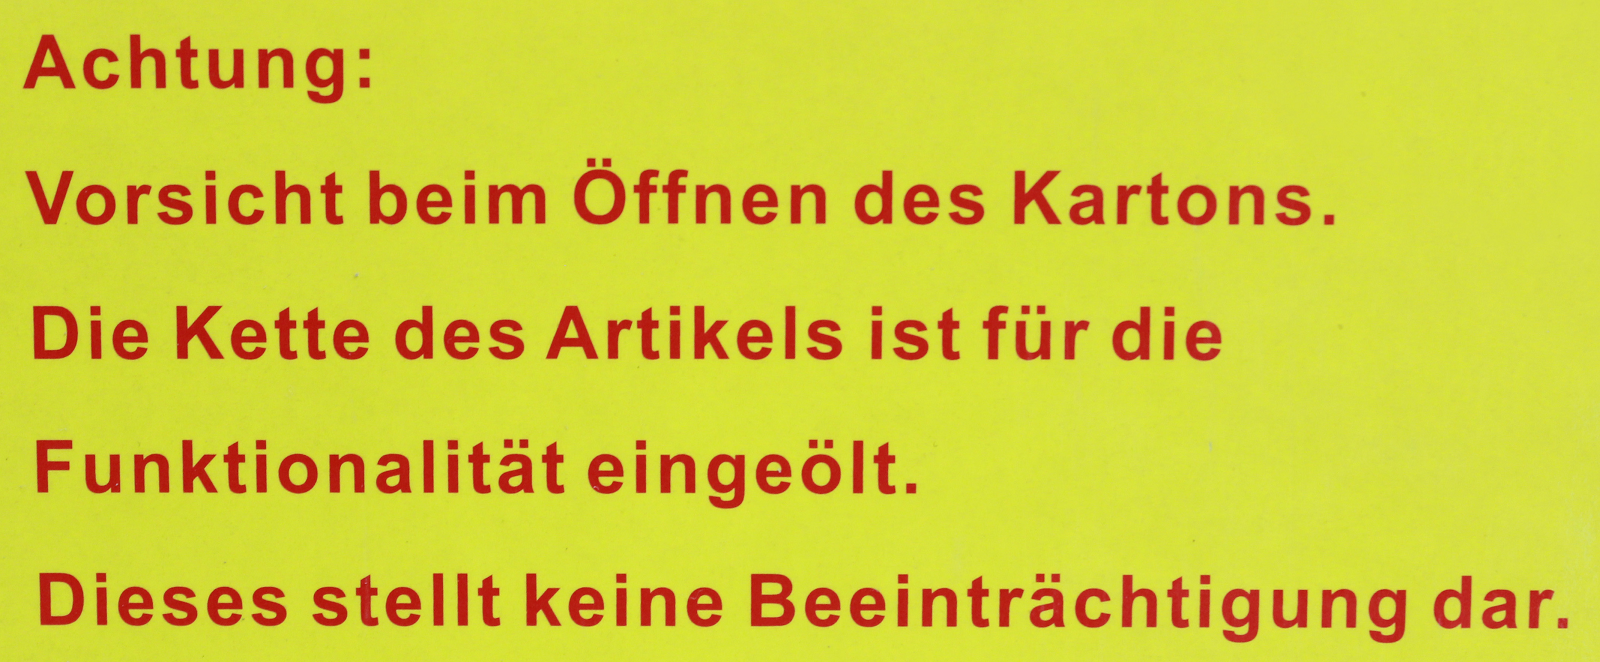 Profi HSZ Kettenzug 1000kg 1t 3m Flaschenzug Hebezug Seilzug Kran Werkzeug